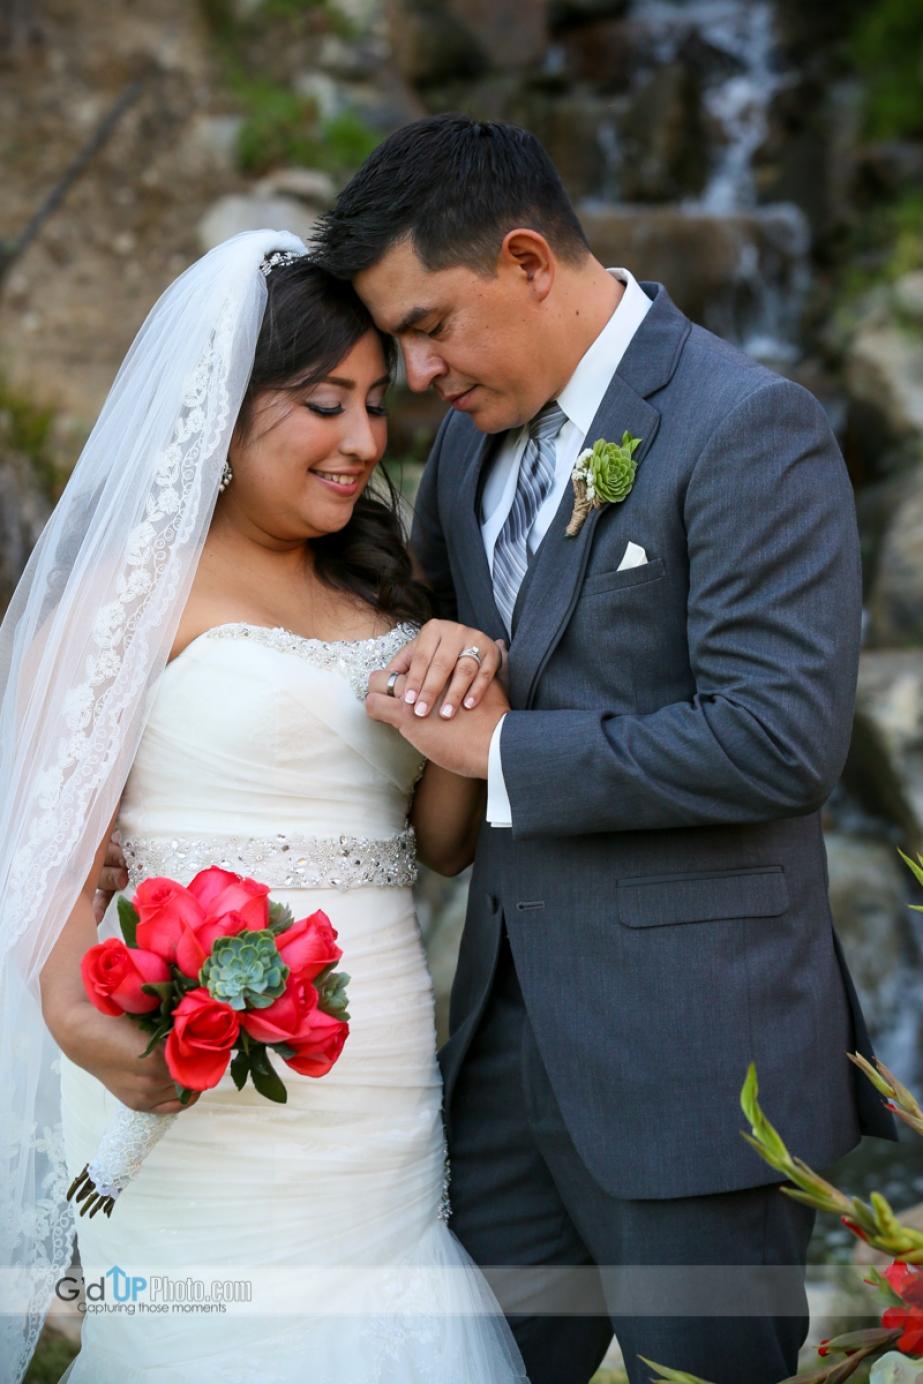 Karla + Leo Wedding Sneak Peek!